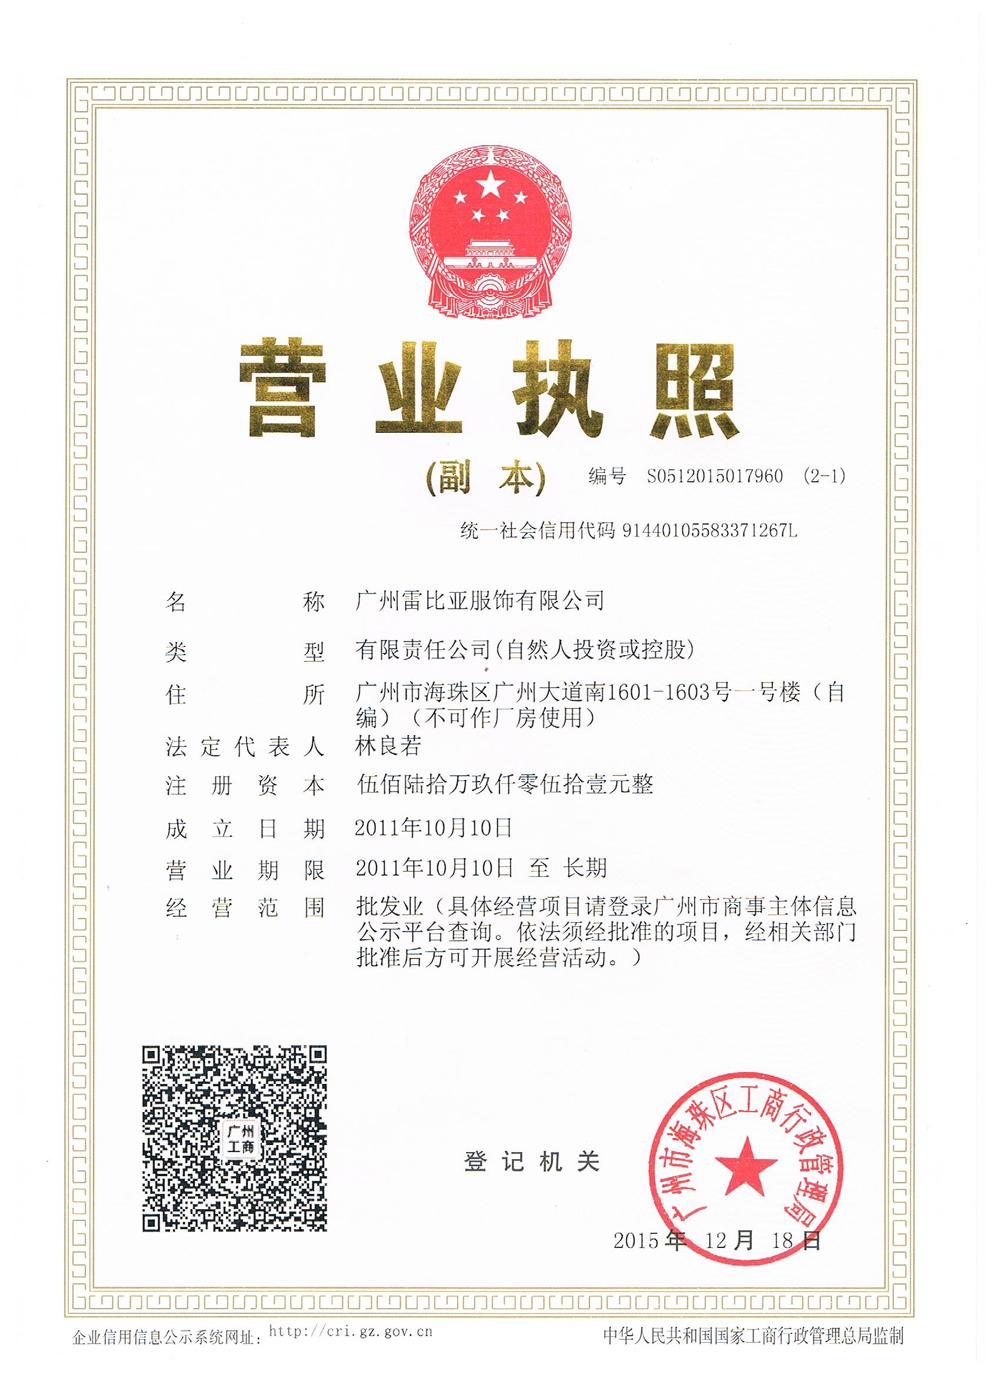 广州雷比亚服饰有限公司企业档案